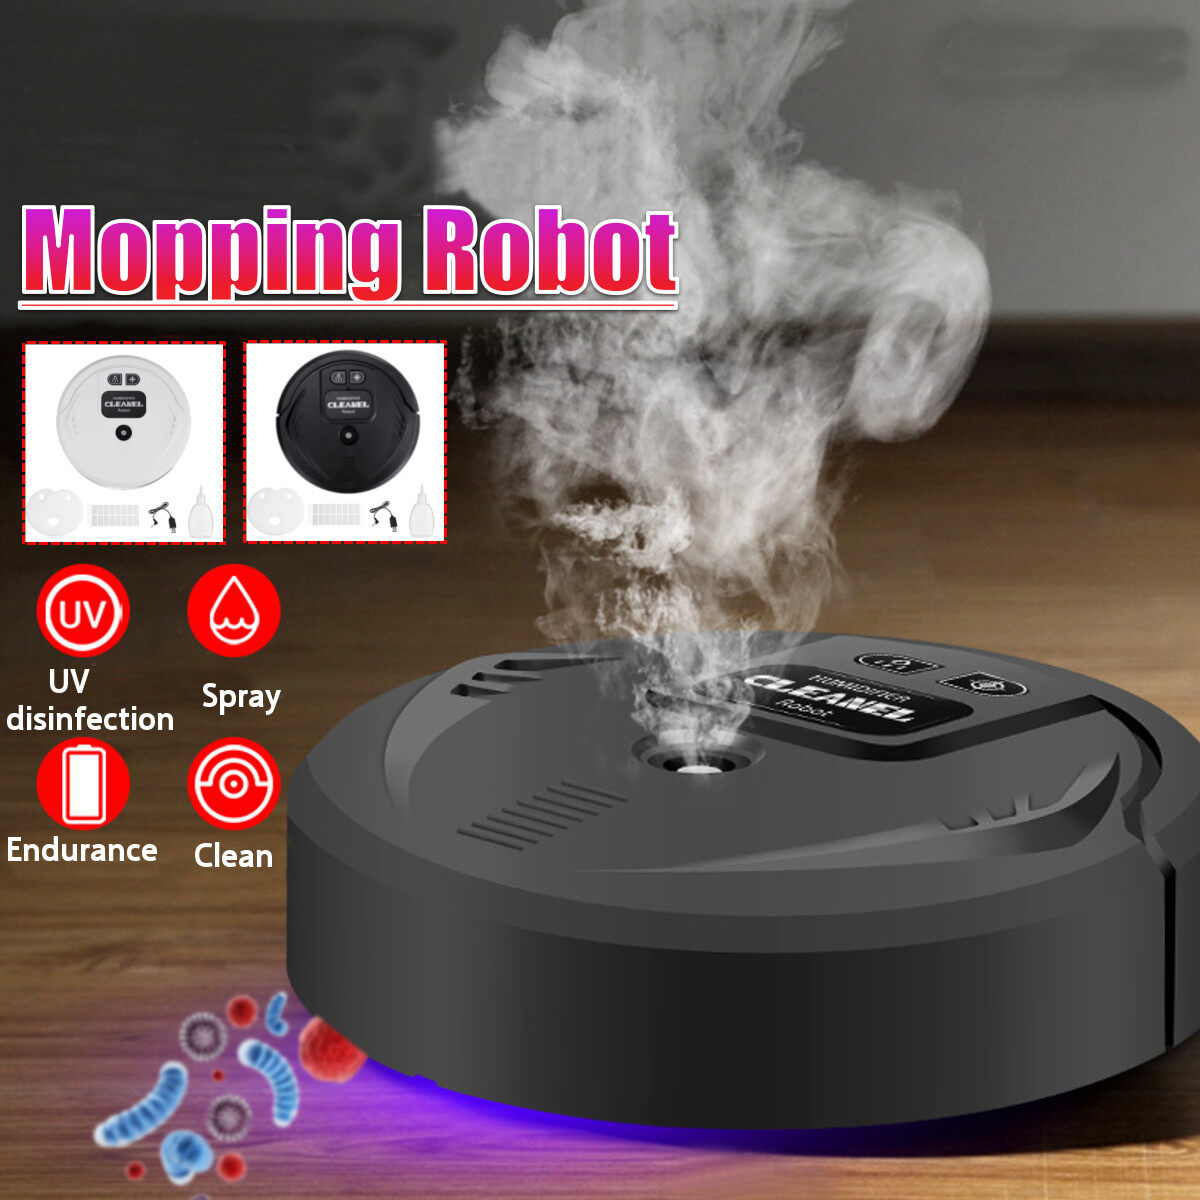 หุ่นยนต์ดูดฝุ่นอัจฉริยะมัลติฟังก์ชัน,เครื่องกวาดพื้นสเปรย์ฆ่าเชื้อยูวีเครื่องเพิ่มความชื้นในบ้าน